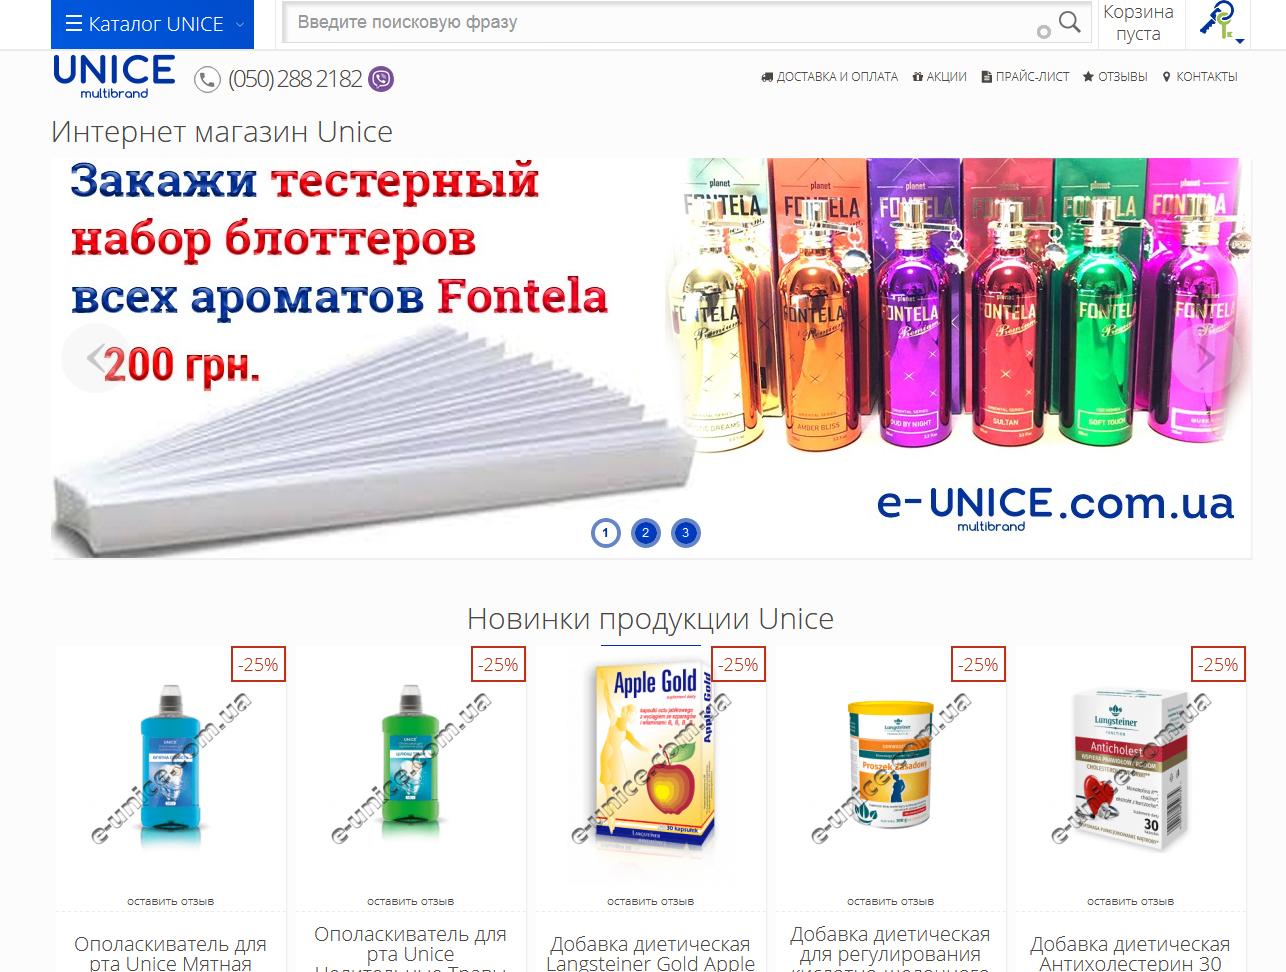 Главная страница типового интернет магазина